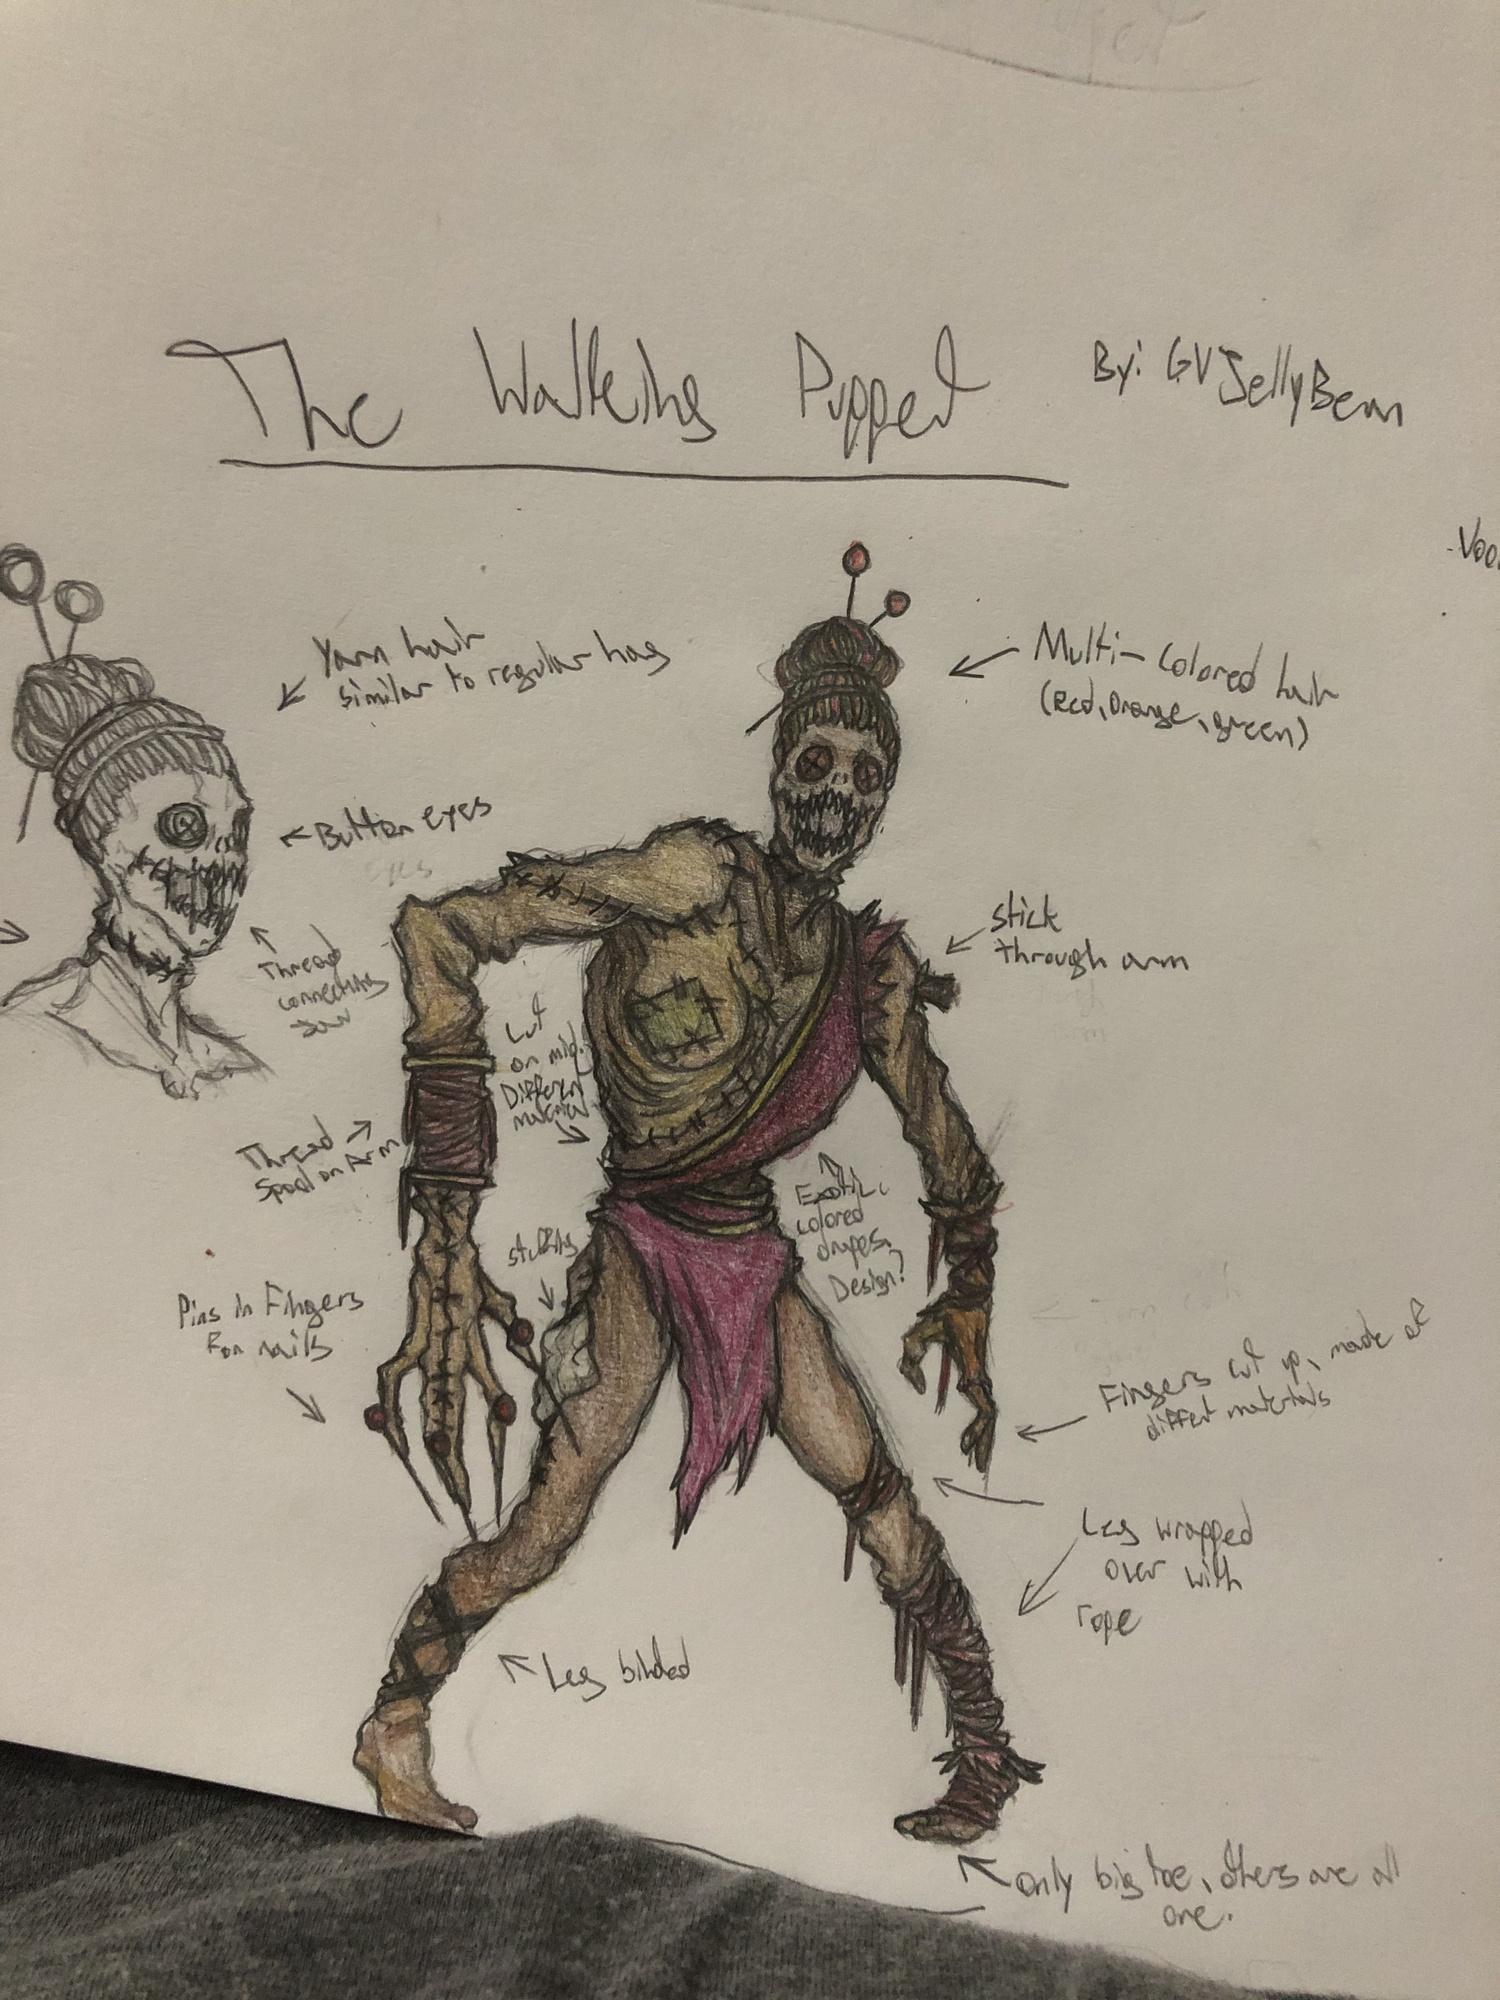 TheWalkingPuppetByGVJellyBean1.jpg